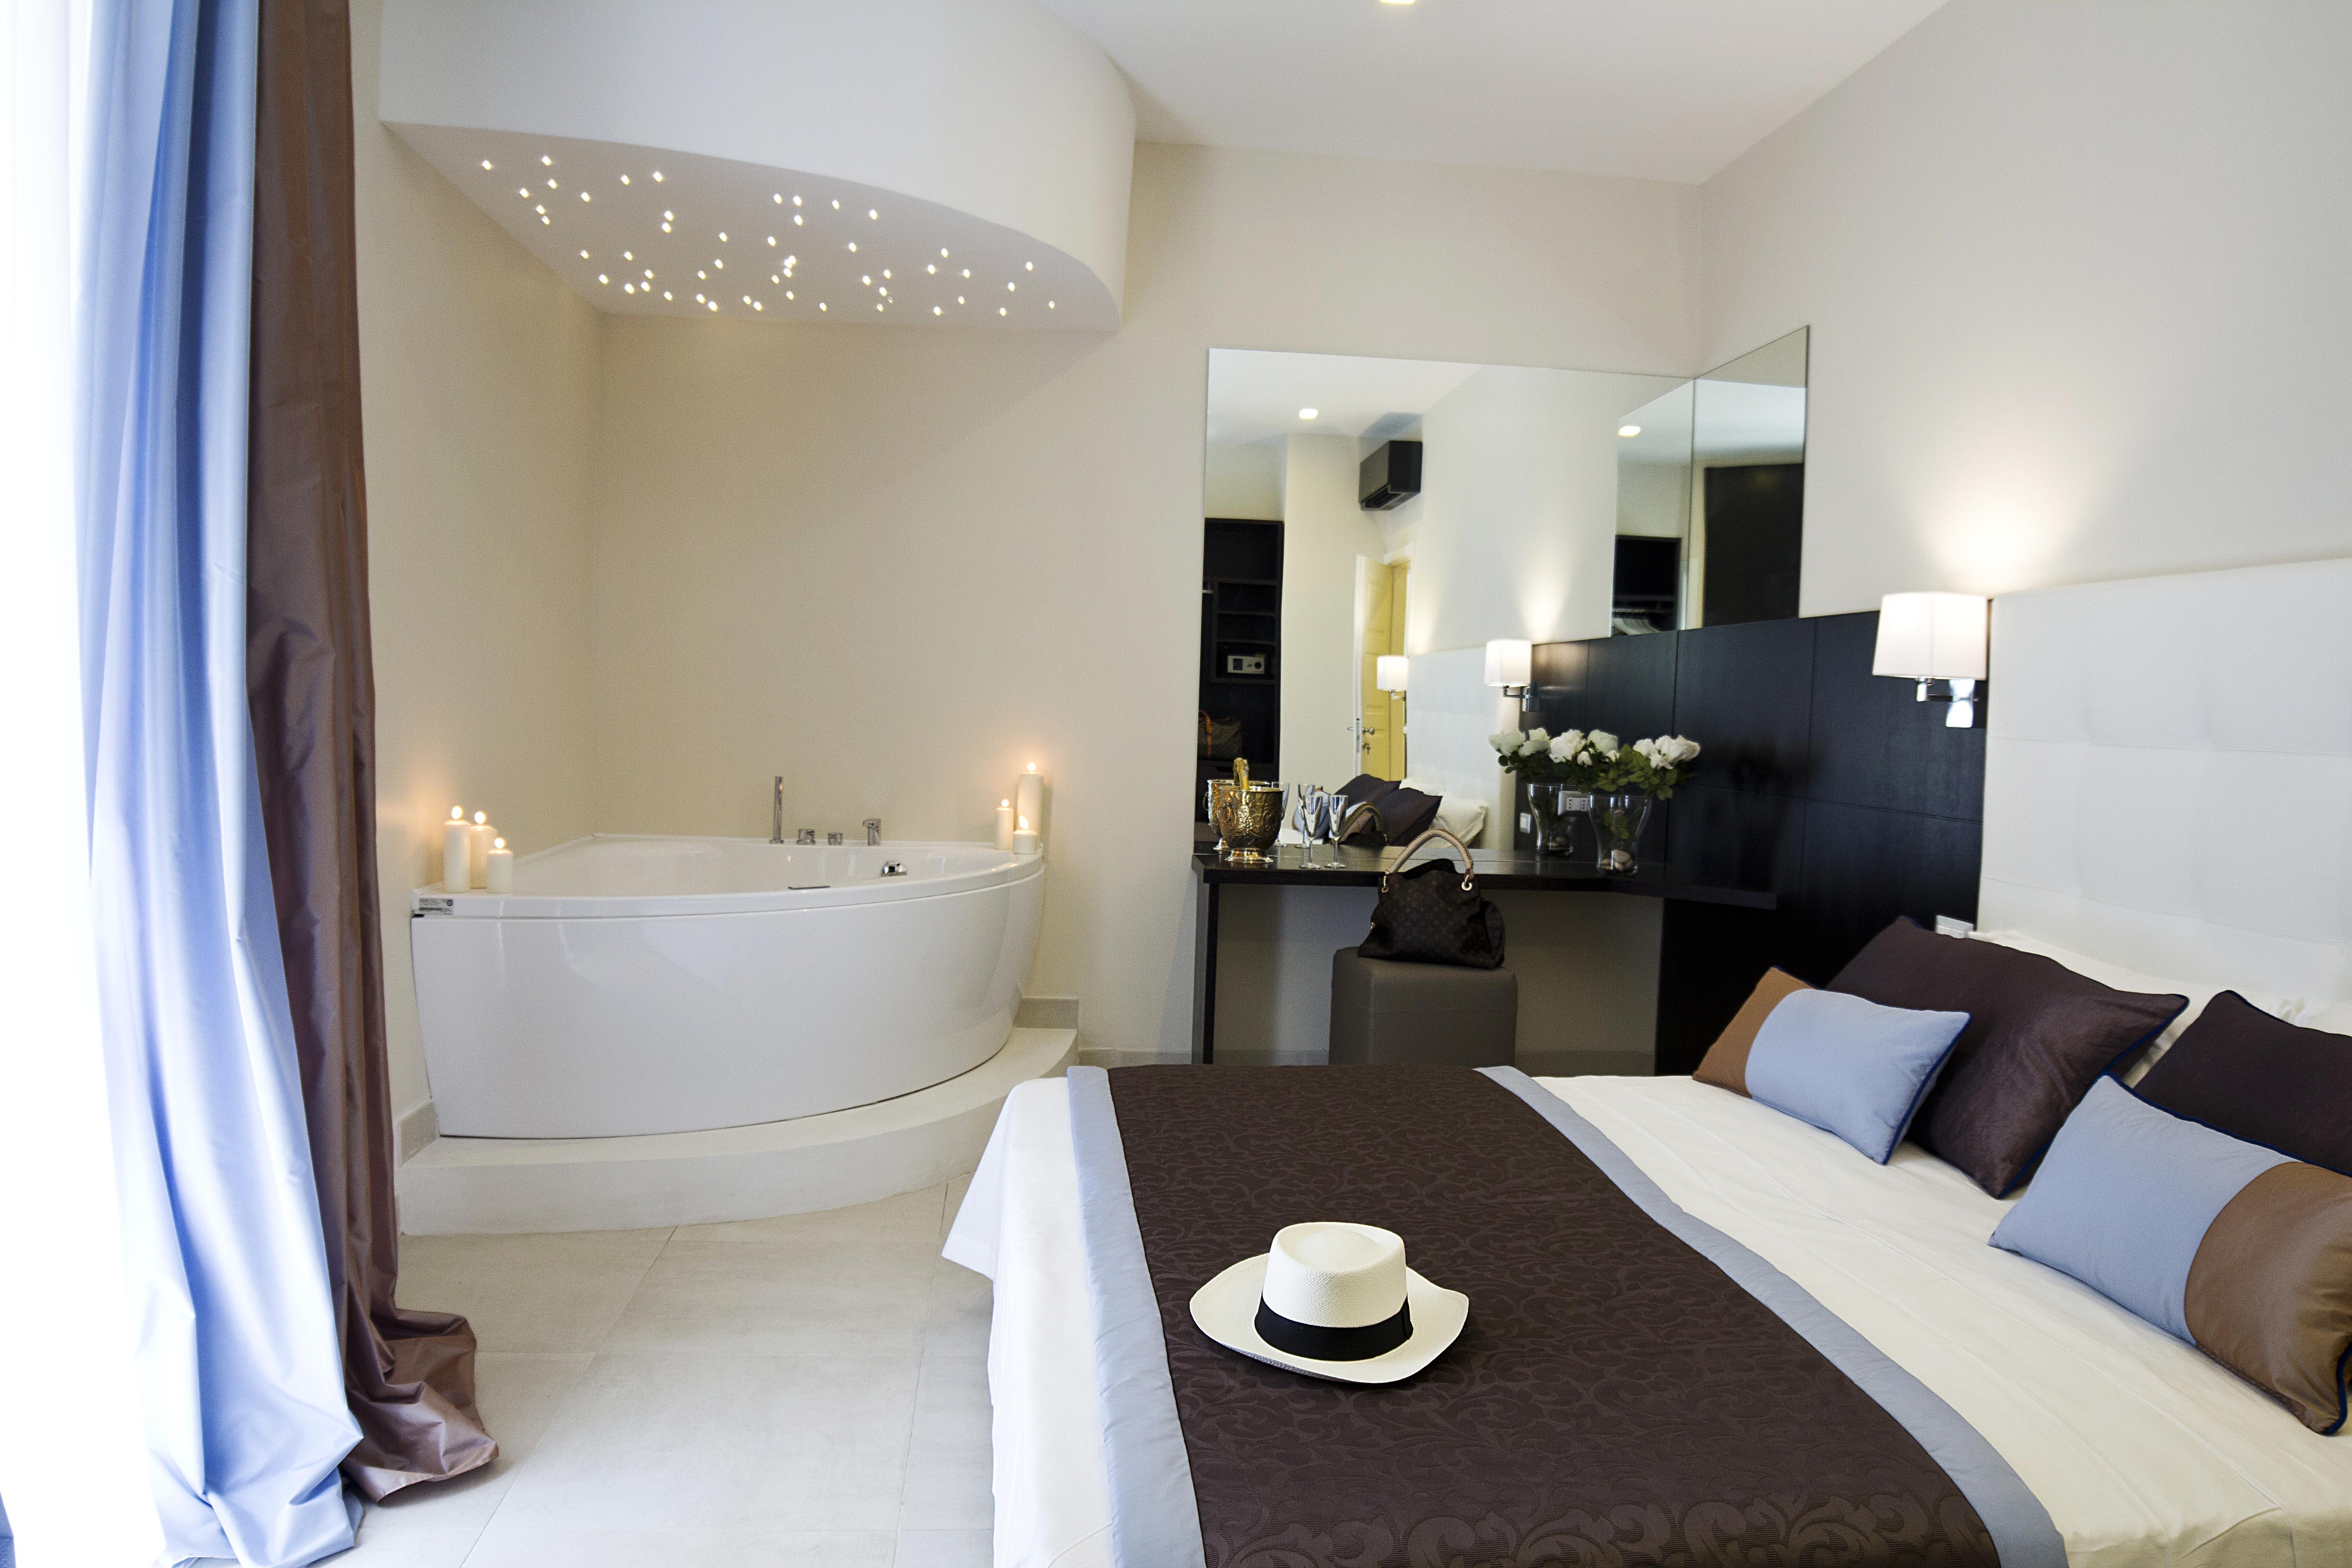 Camera Con Vasca Idromassaggio : Junior suite con vasca idromassaggio roman holidays boutique hotel